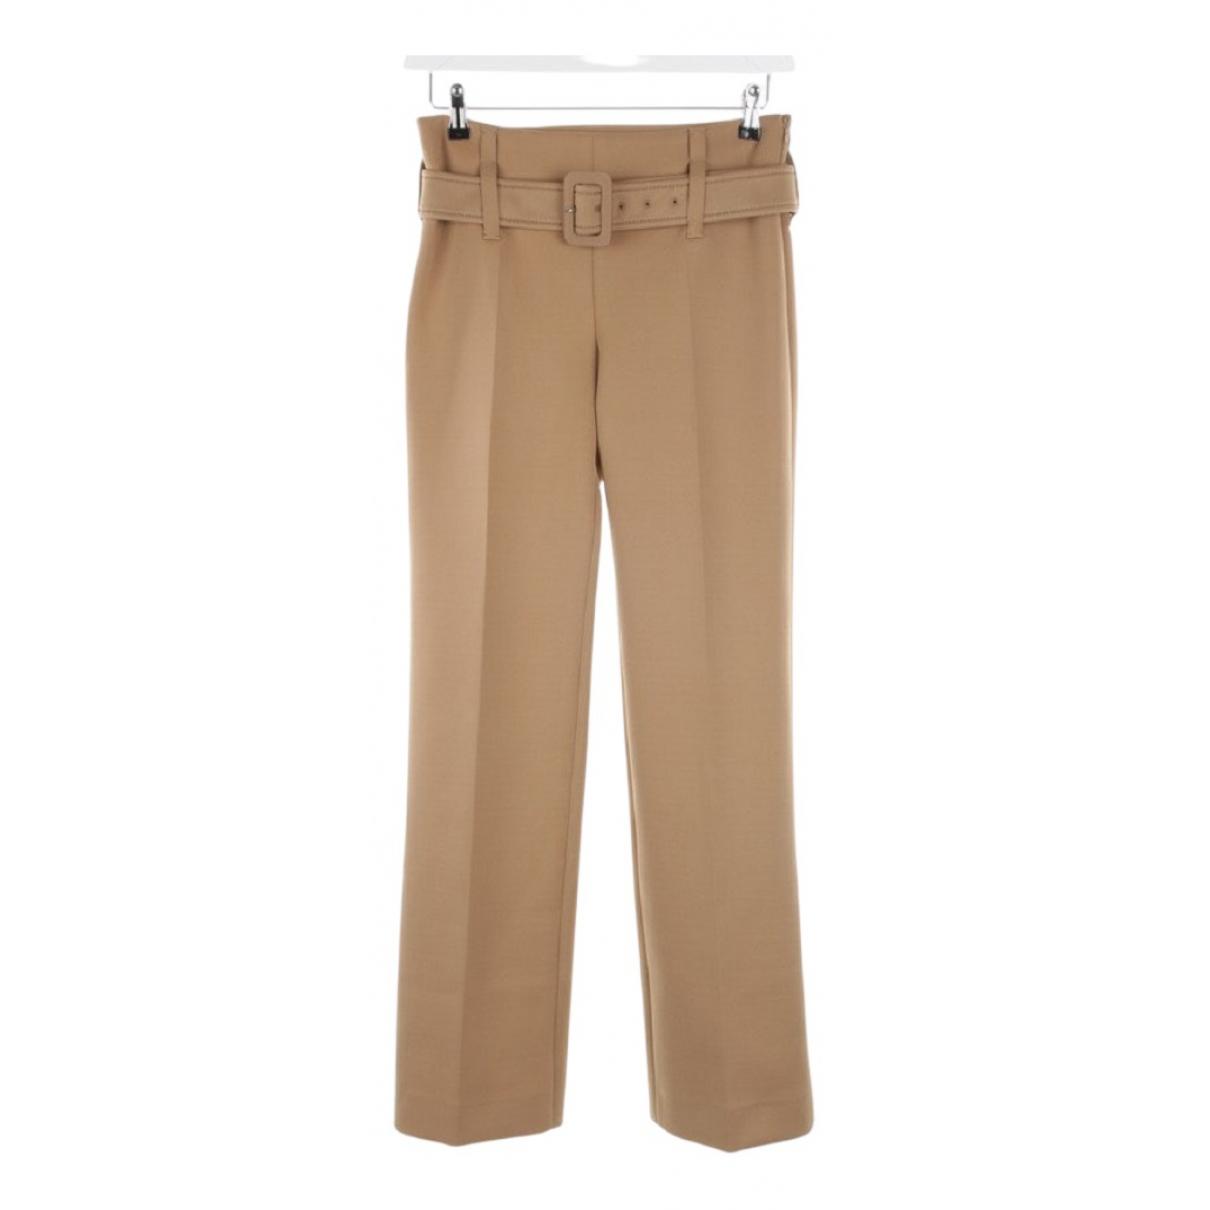 Prada N Camel Trousers for Women 38 IT